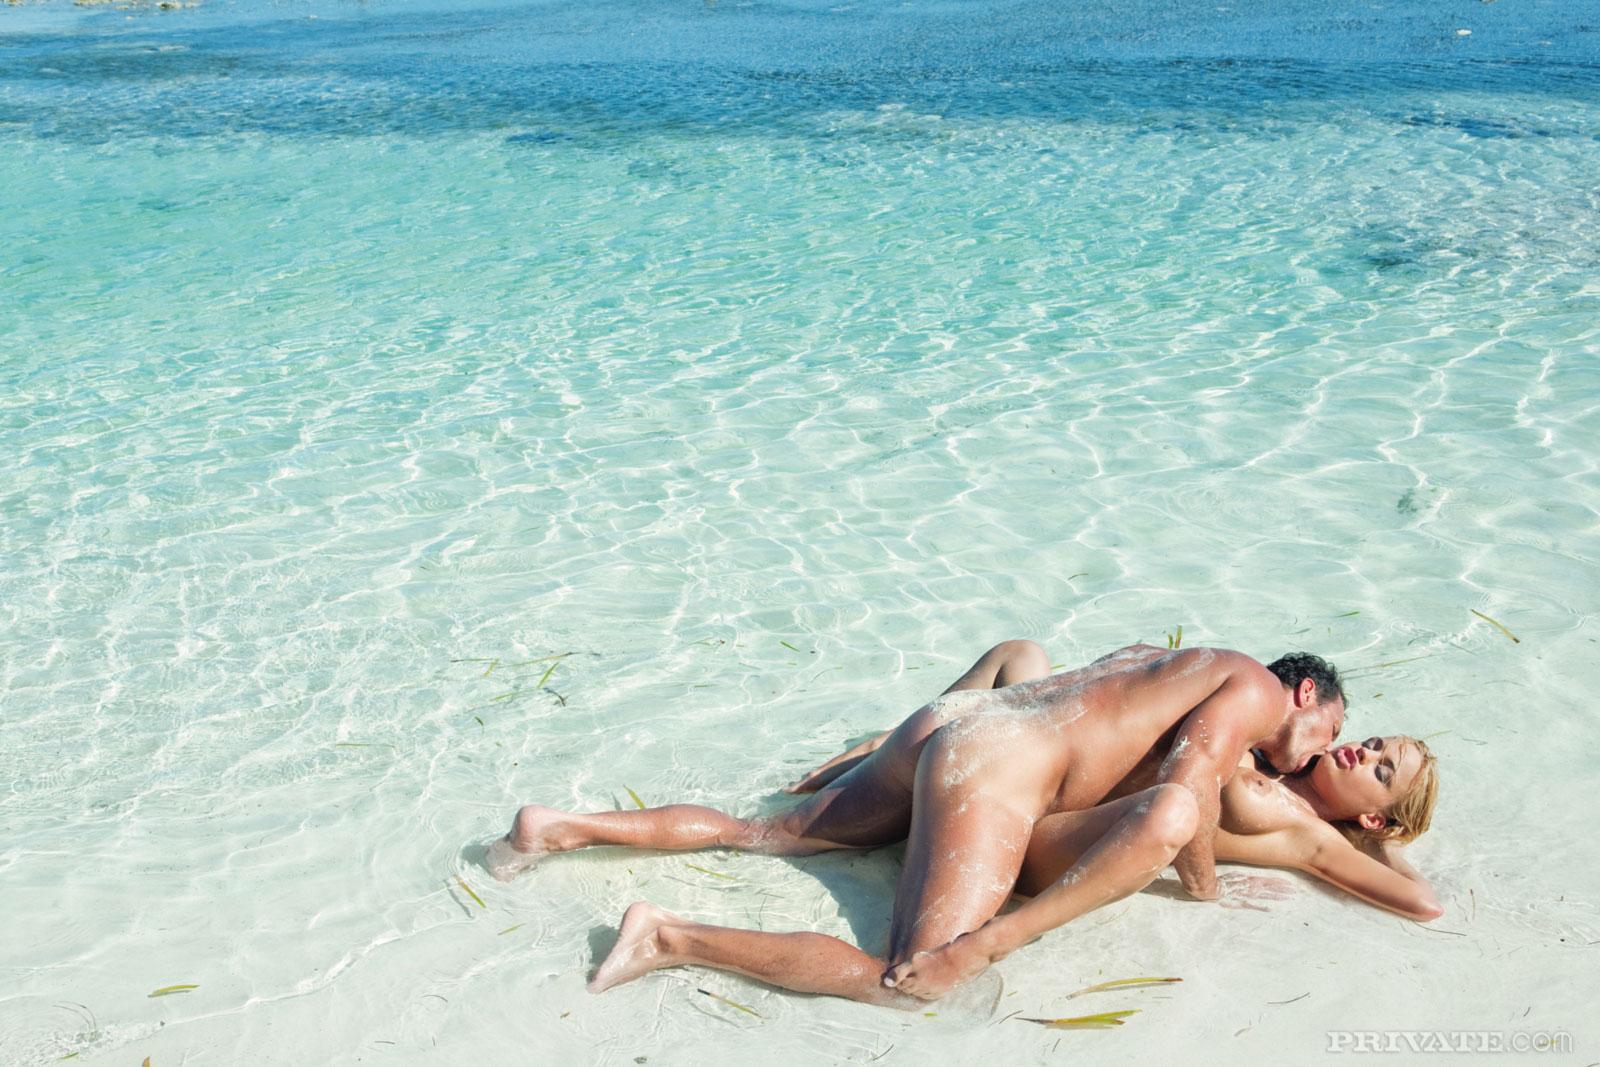 Трахнул на побережье, Порно на Пляже, смотреть видео Секс на Пляже 3 фотография